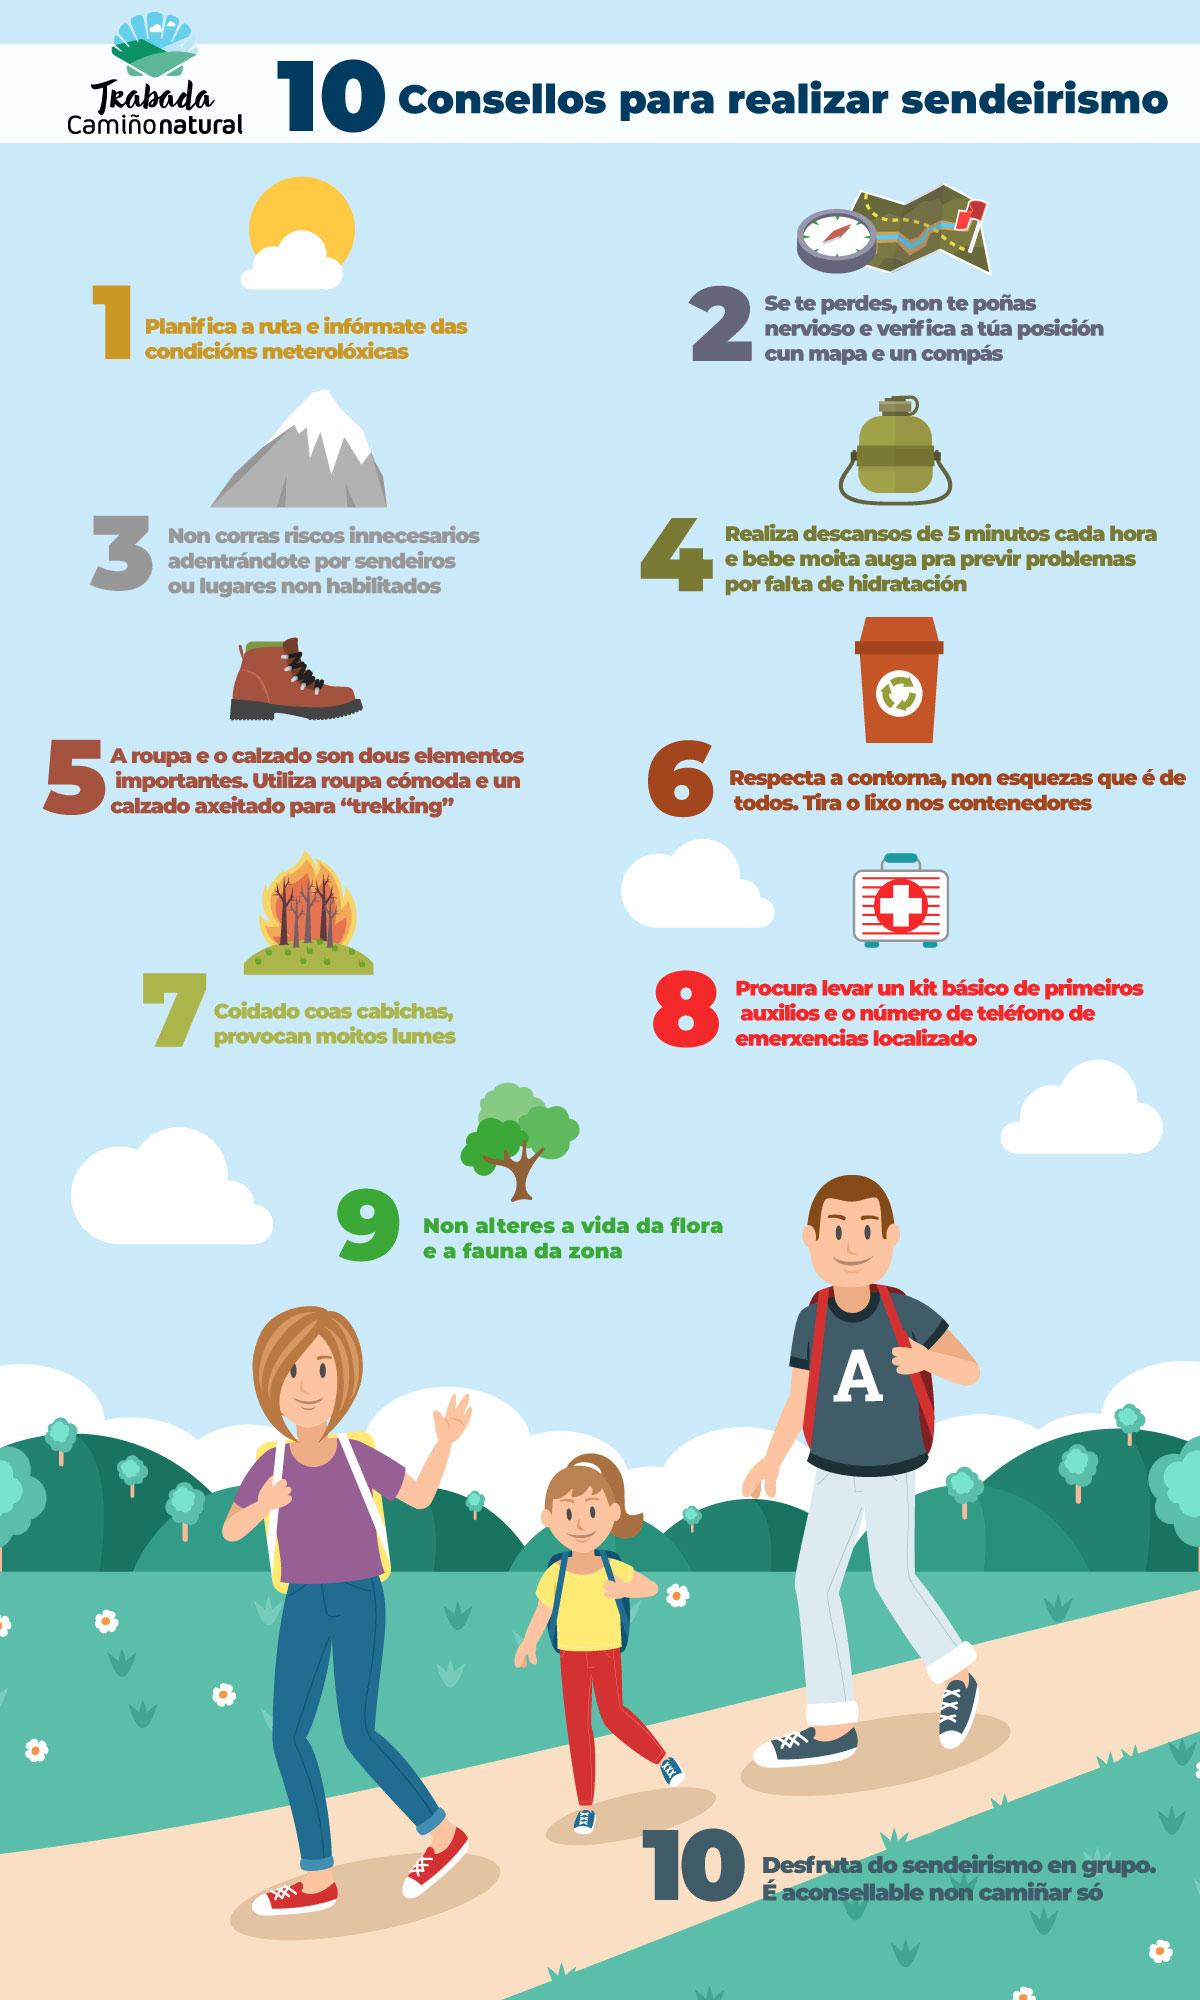 10 consellos para realizar sendeirismo